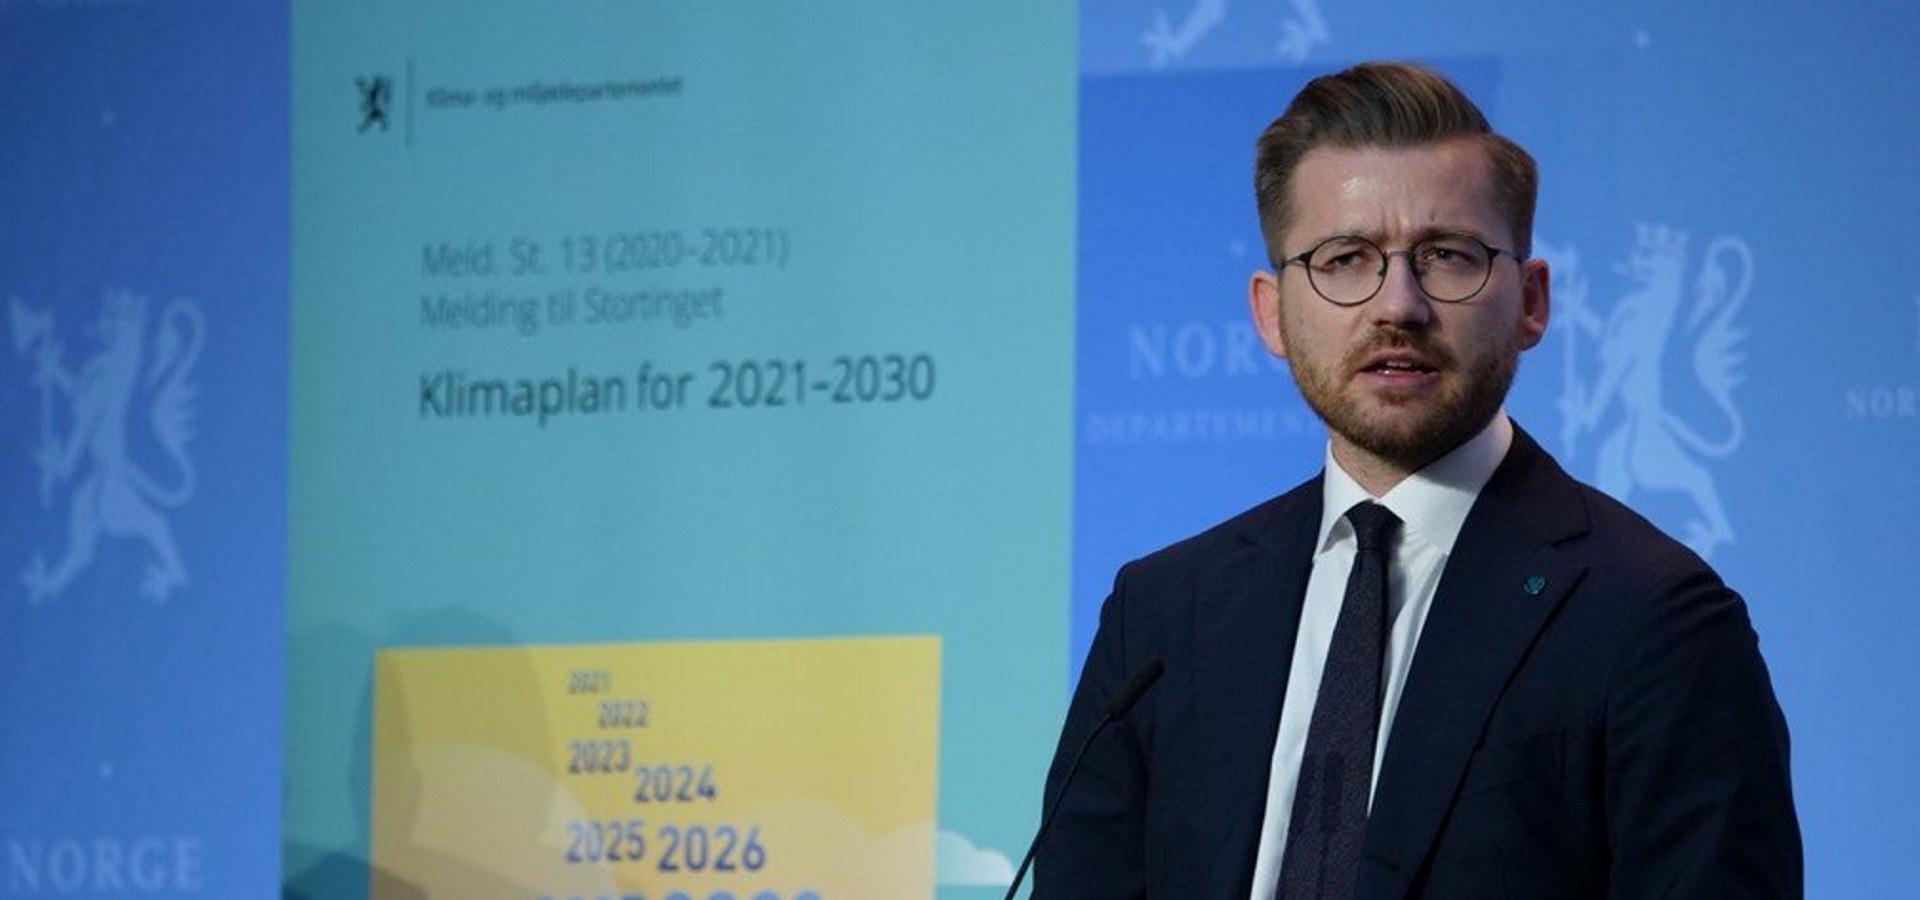 Klima- og miljøminister Sveinung Rotevatn ved fremleggelsen av Klimaplan 2030.